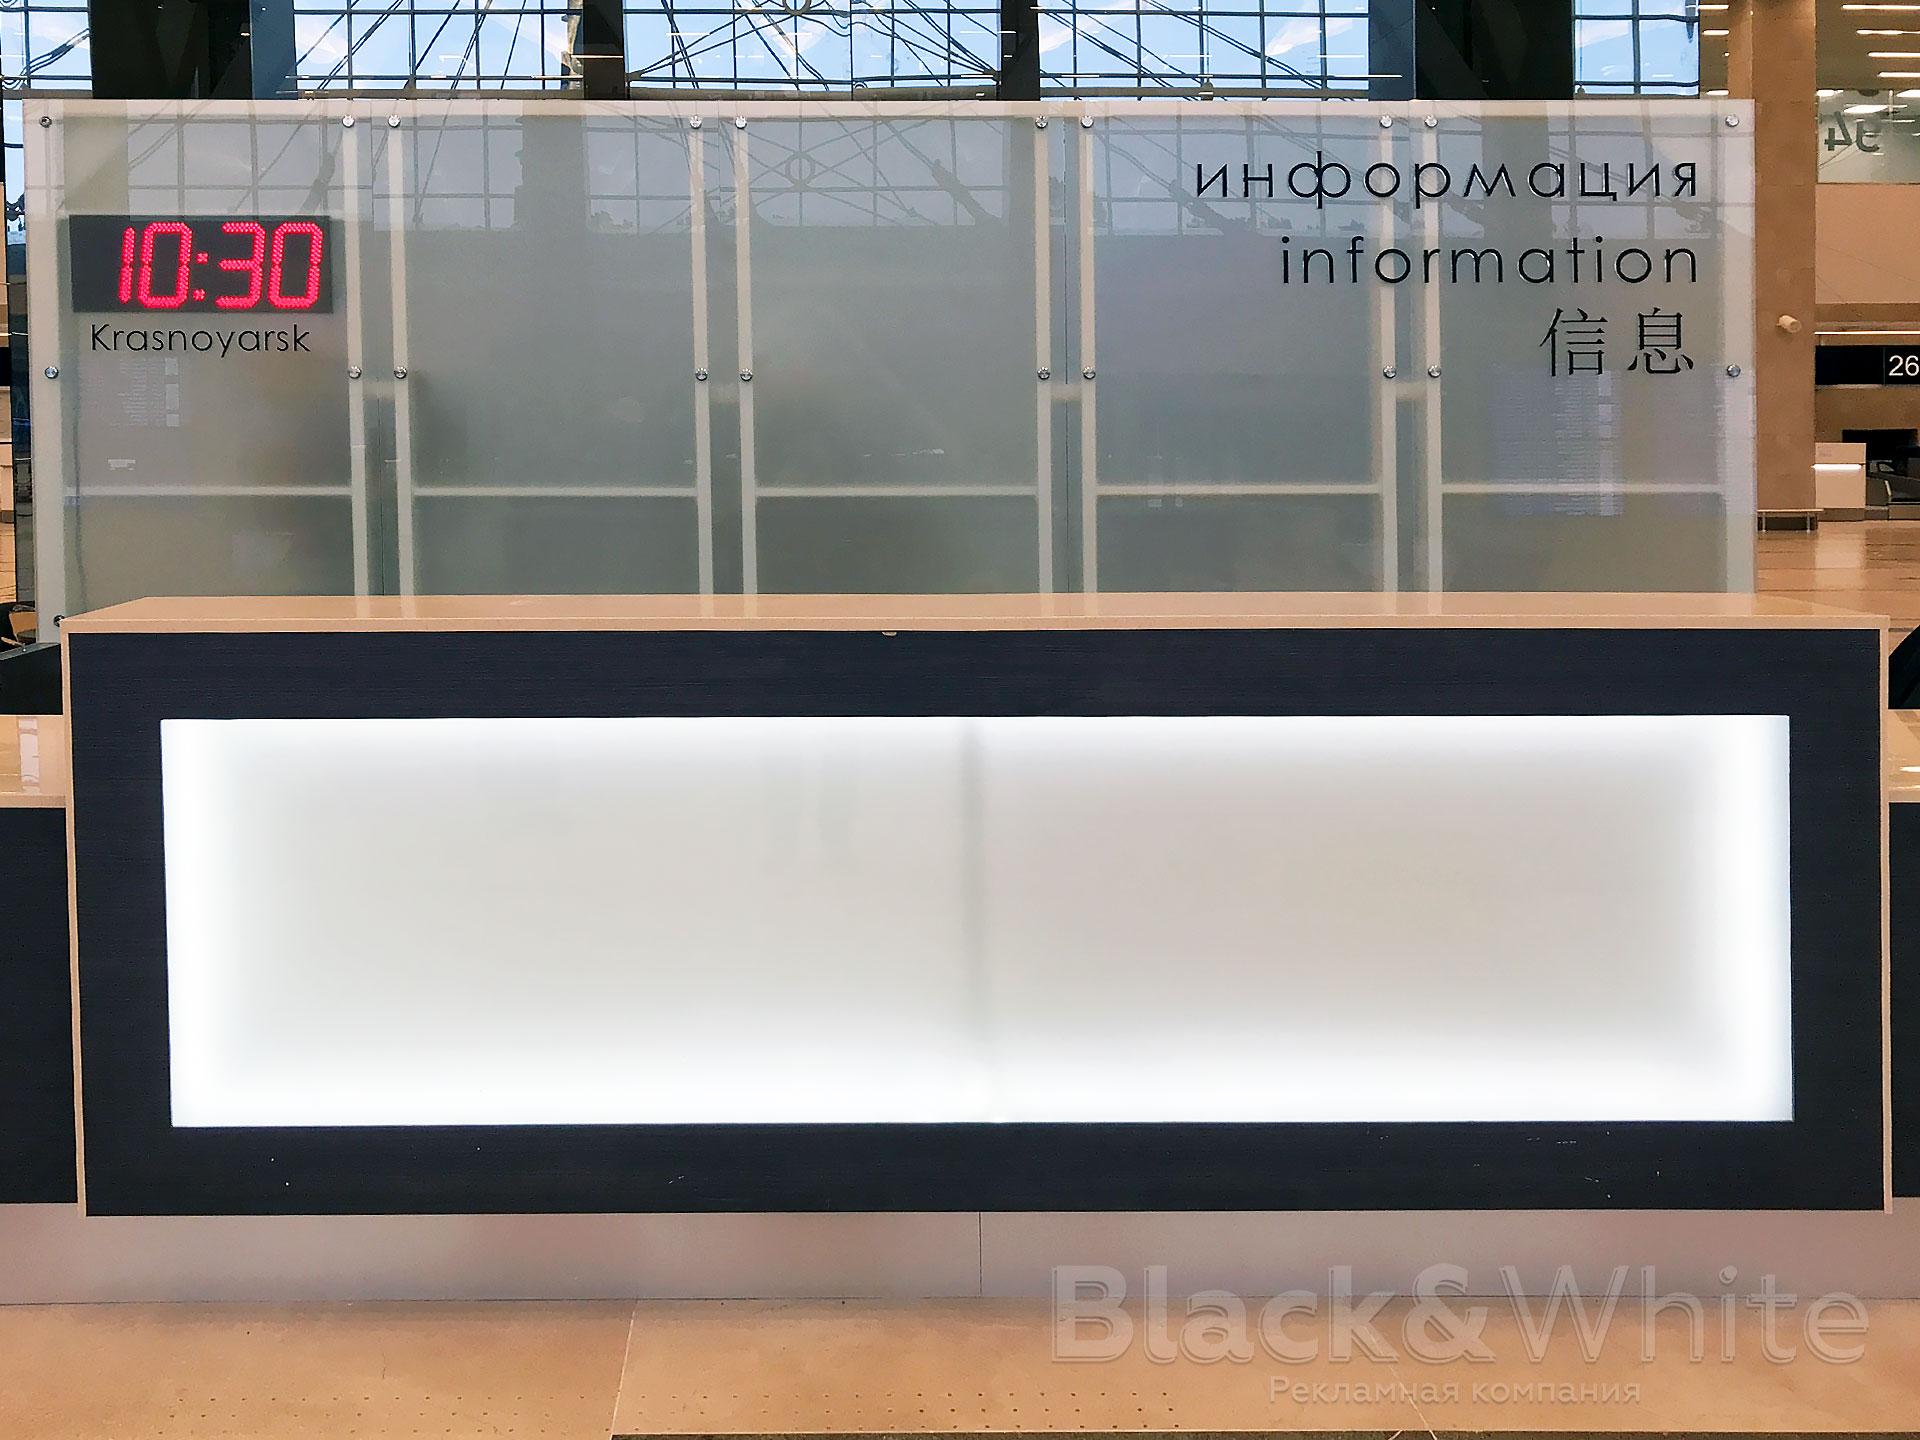 Плоские-(псевдообъемные)-буквы-из-оргстекла-акрила-bukvyi-ploskie-psevdoobemnyie-bukvyi-iz-orgstekla-аэропорт.jpg